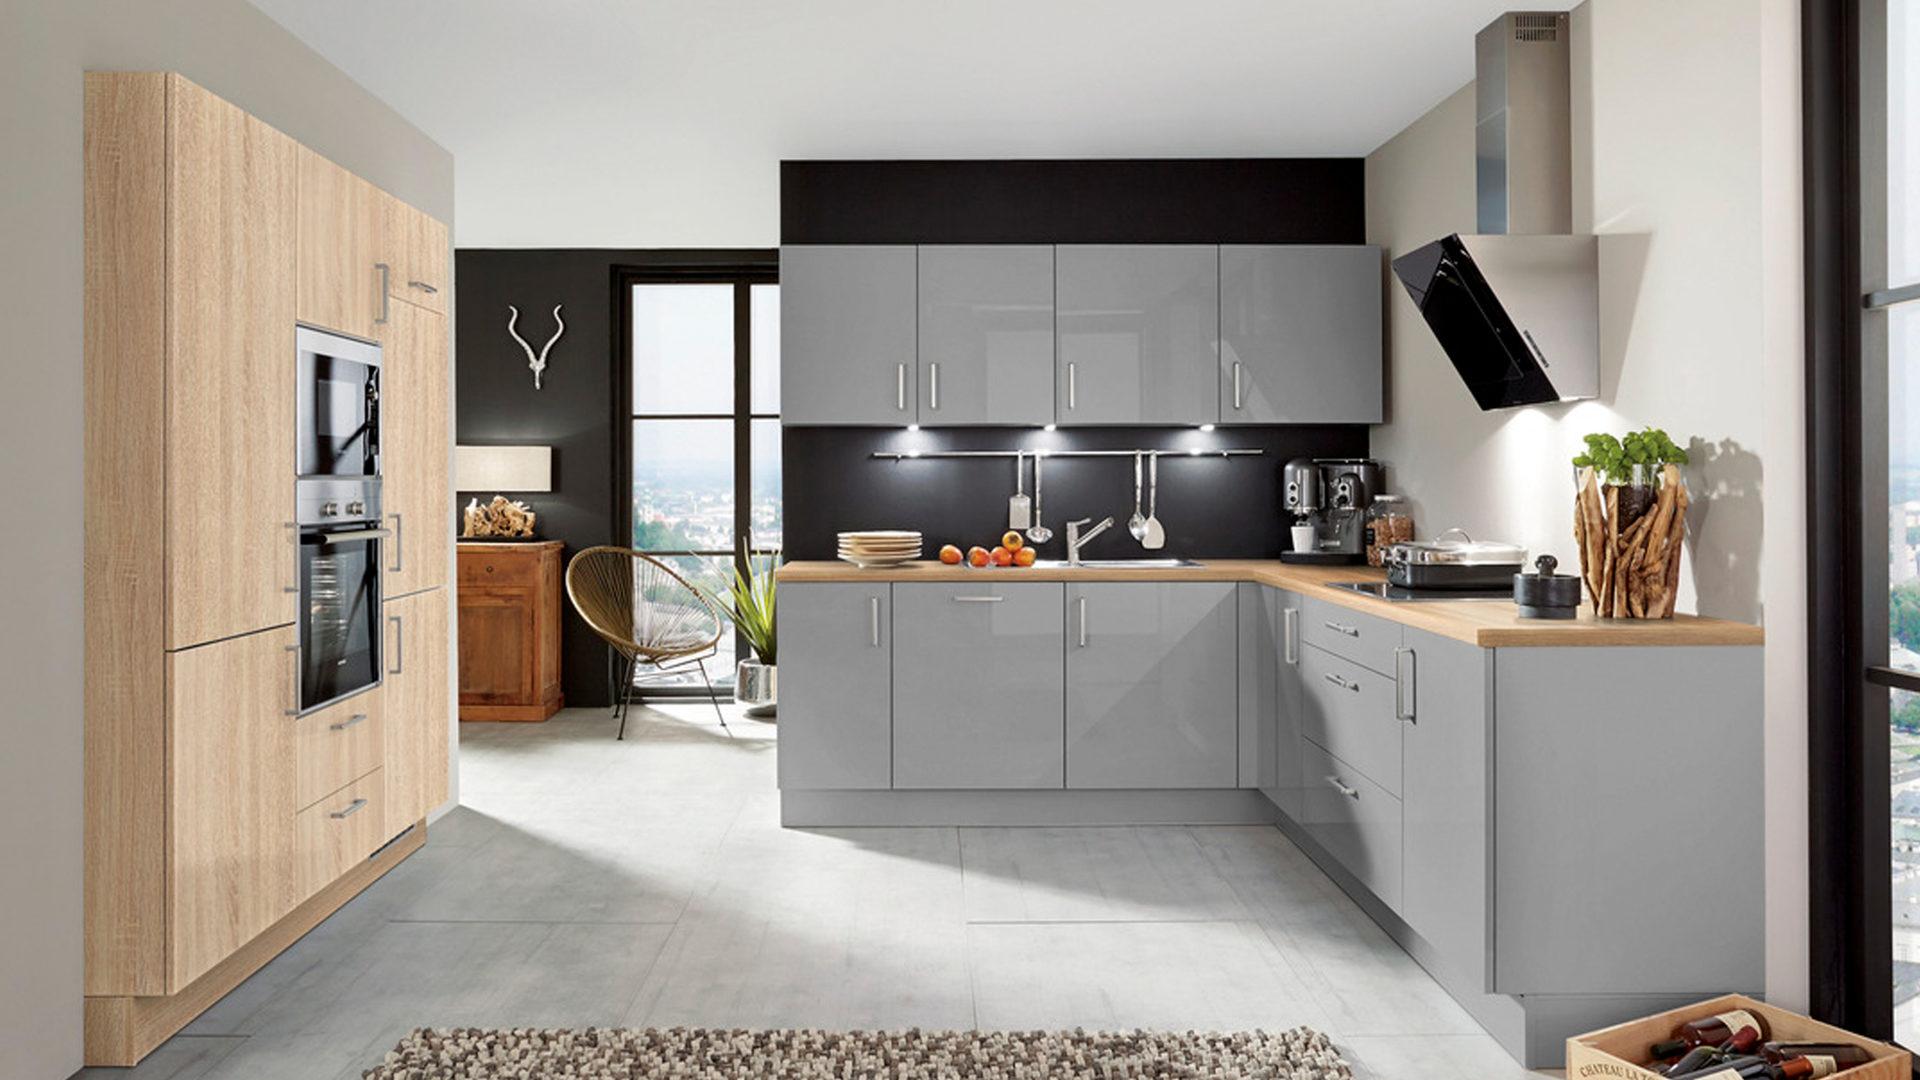 Kühlschrank Siemens : Einbauküche mit siemens elektrogeräten wie kühlschrank etc